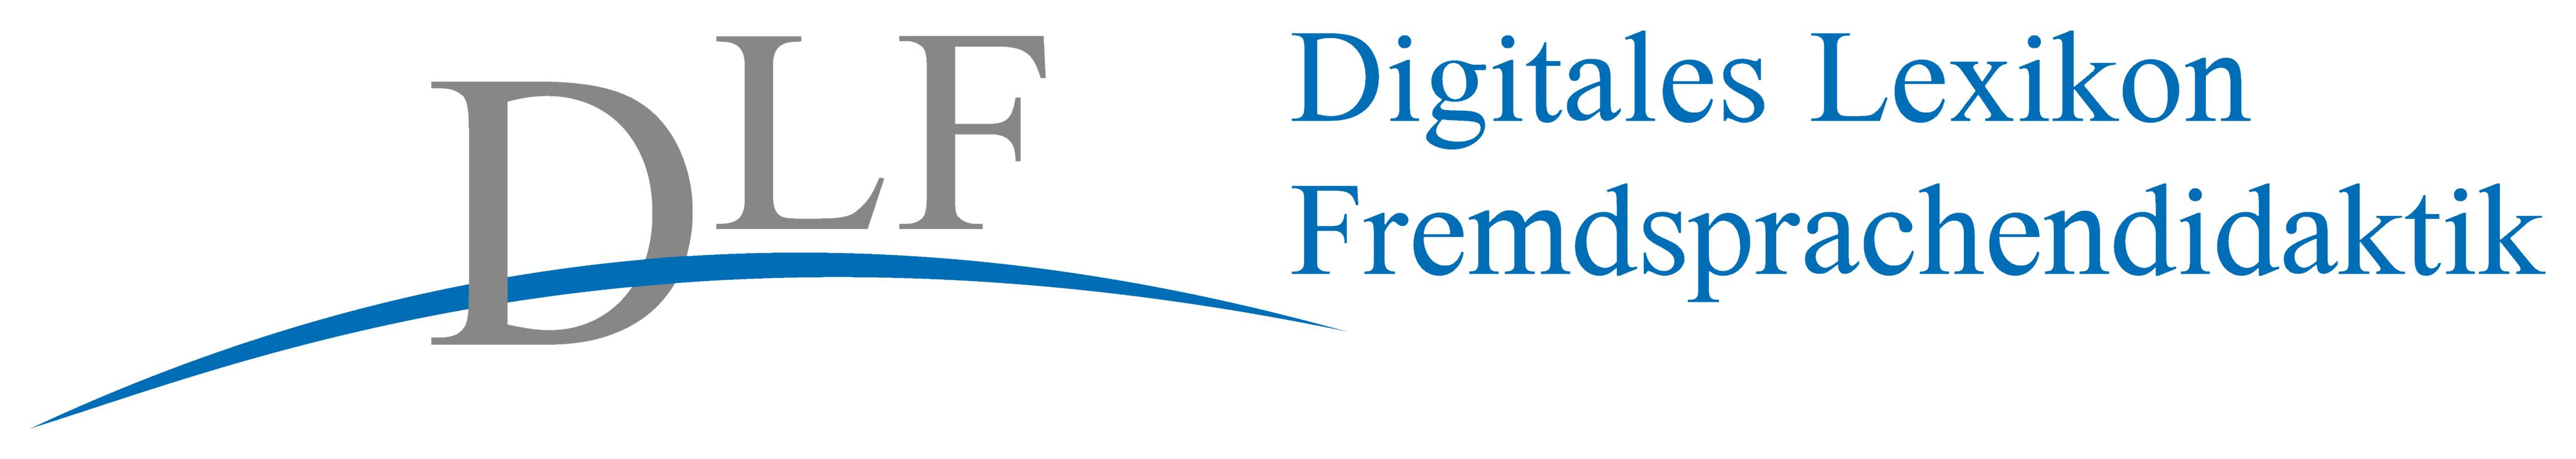 Digitales Lexikon Fremdsprachendidaktik